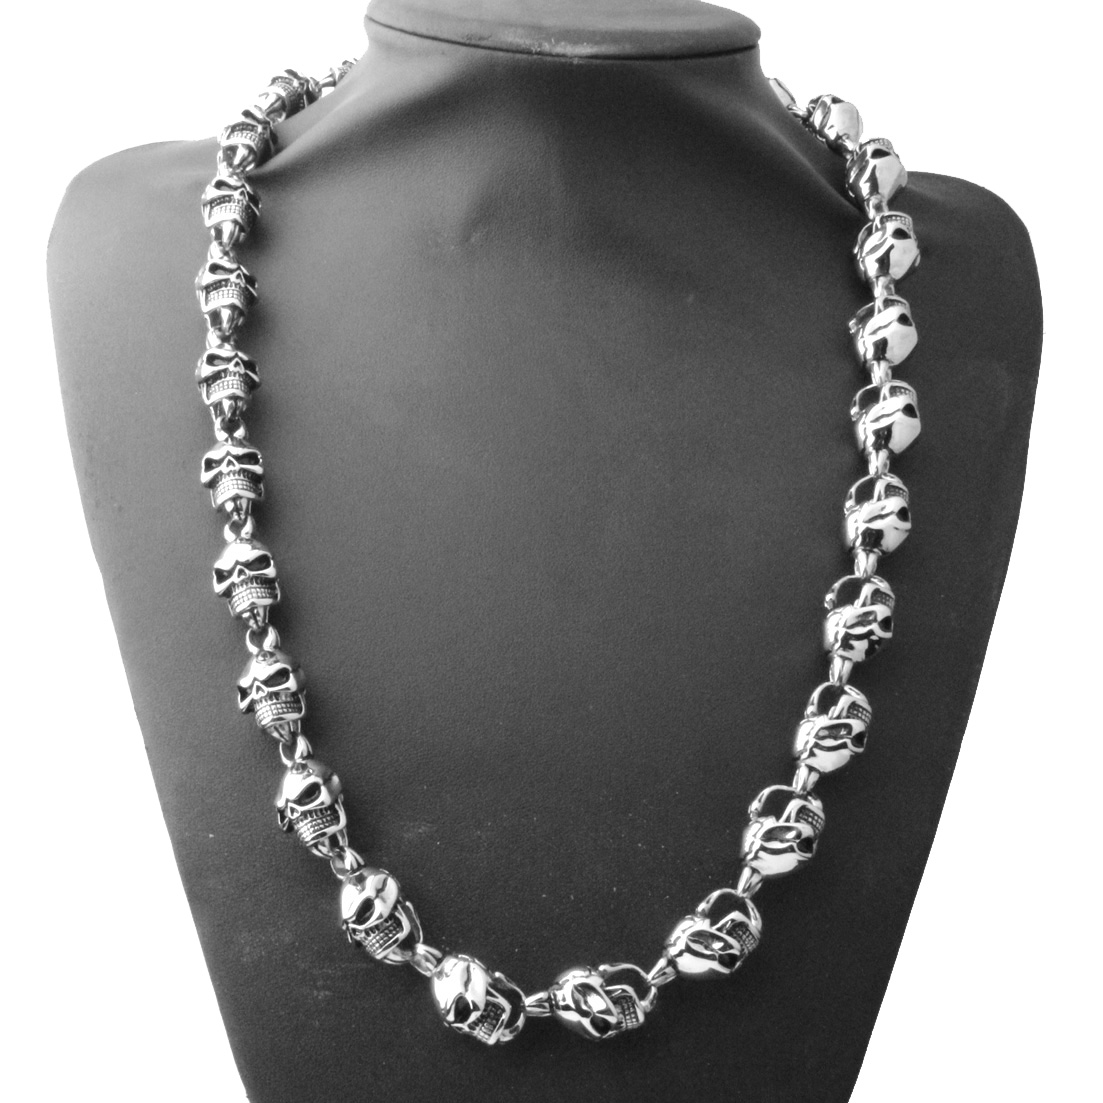 15MM Rock Roll 316L acier inoxydable argent noir couleur squelette crâne lien chaîne Biker bijoux collier pour hommes 24